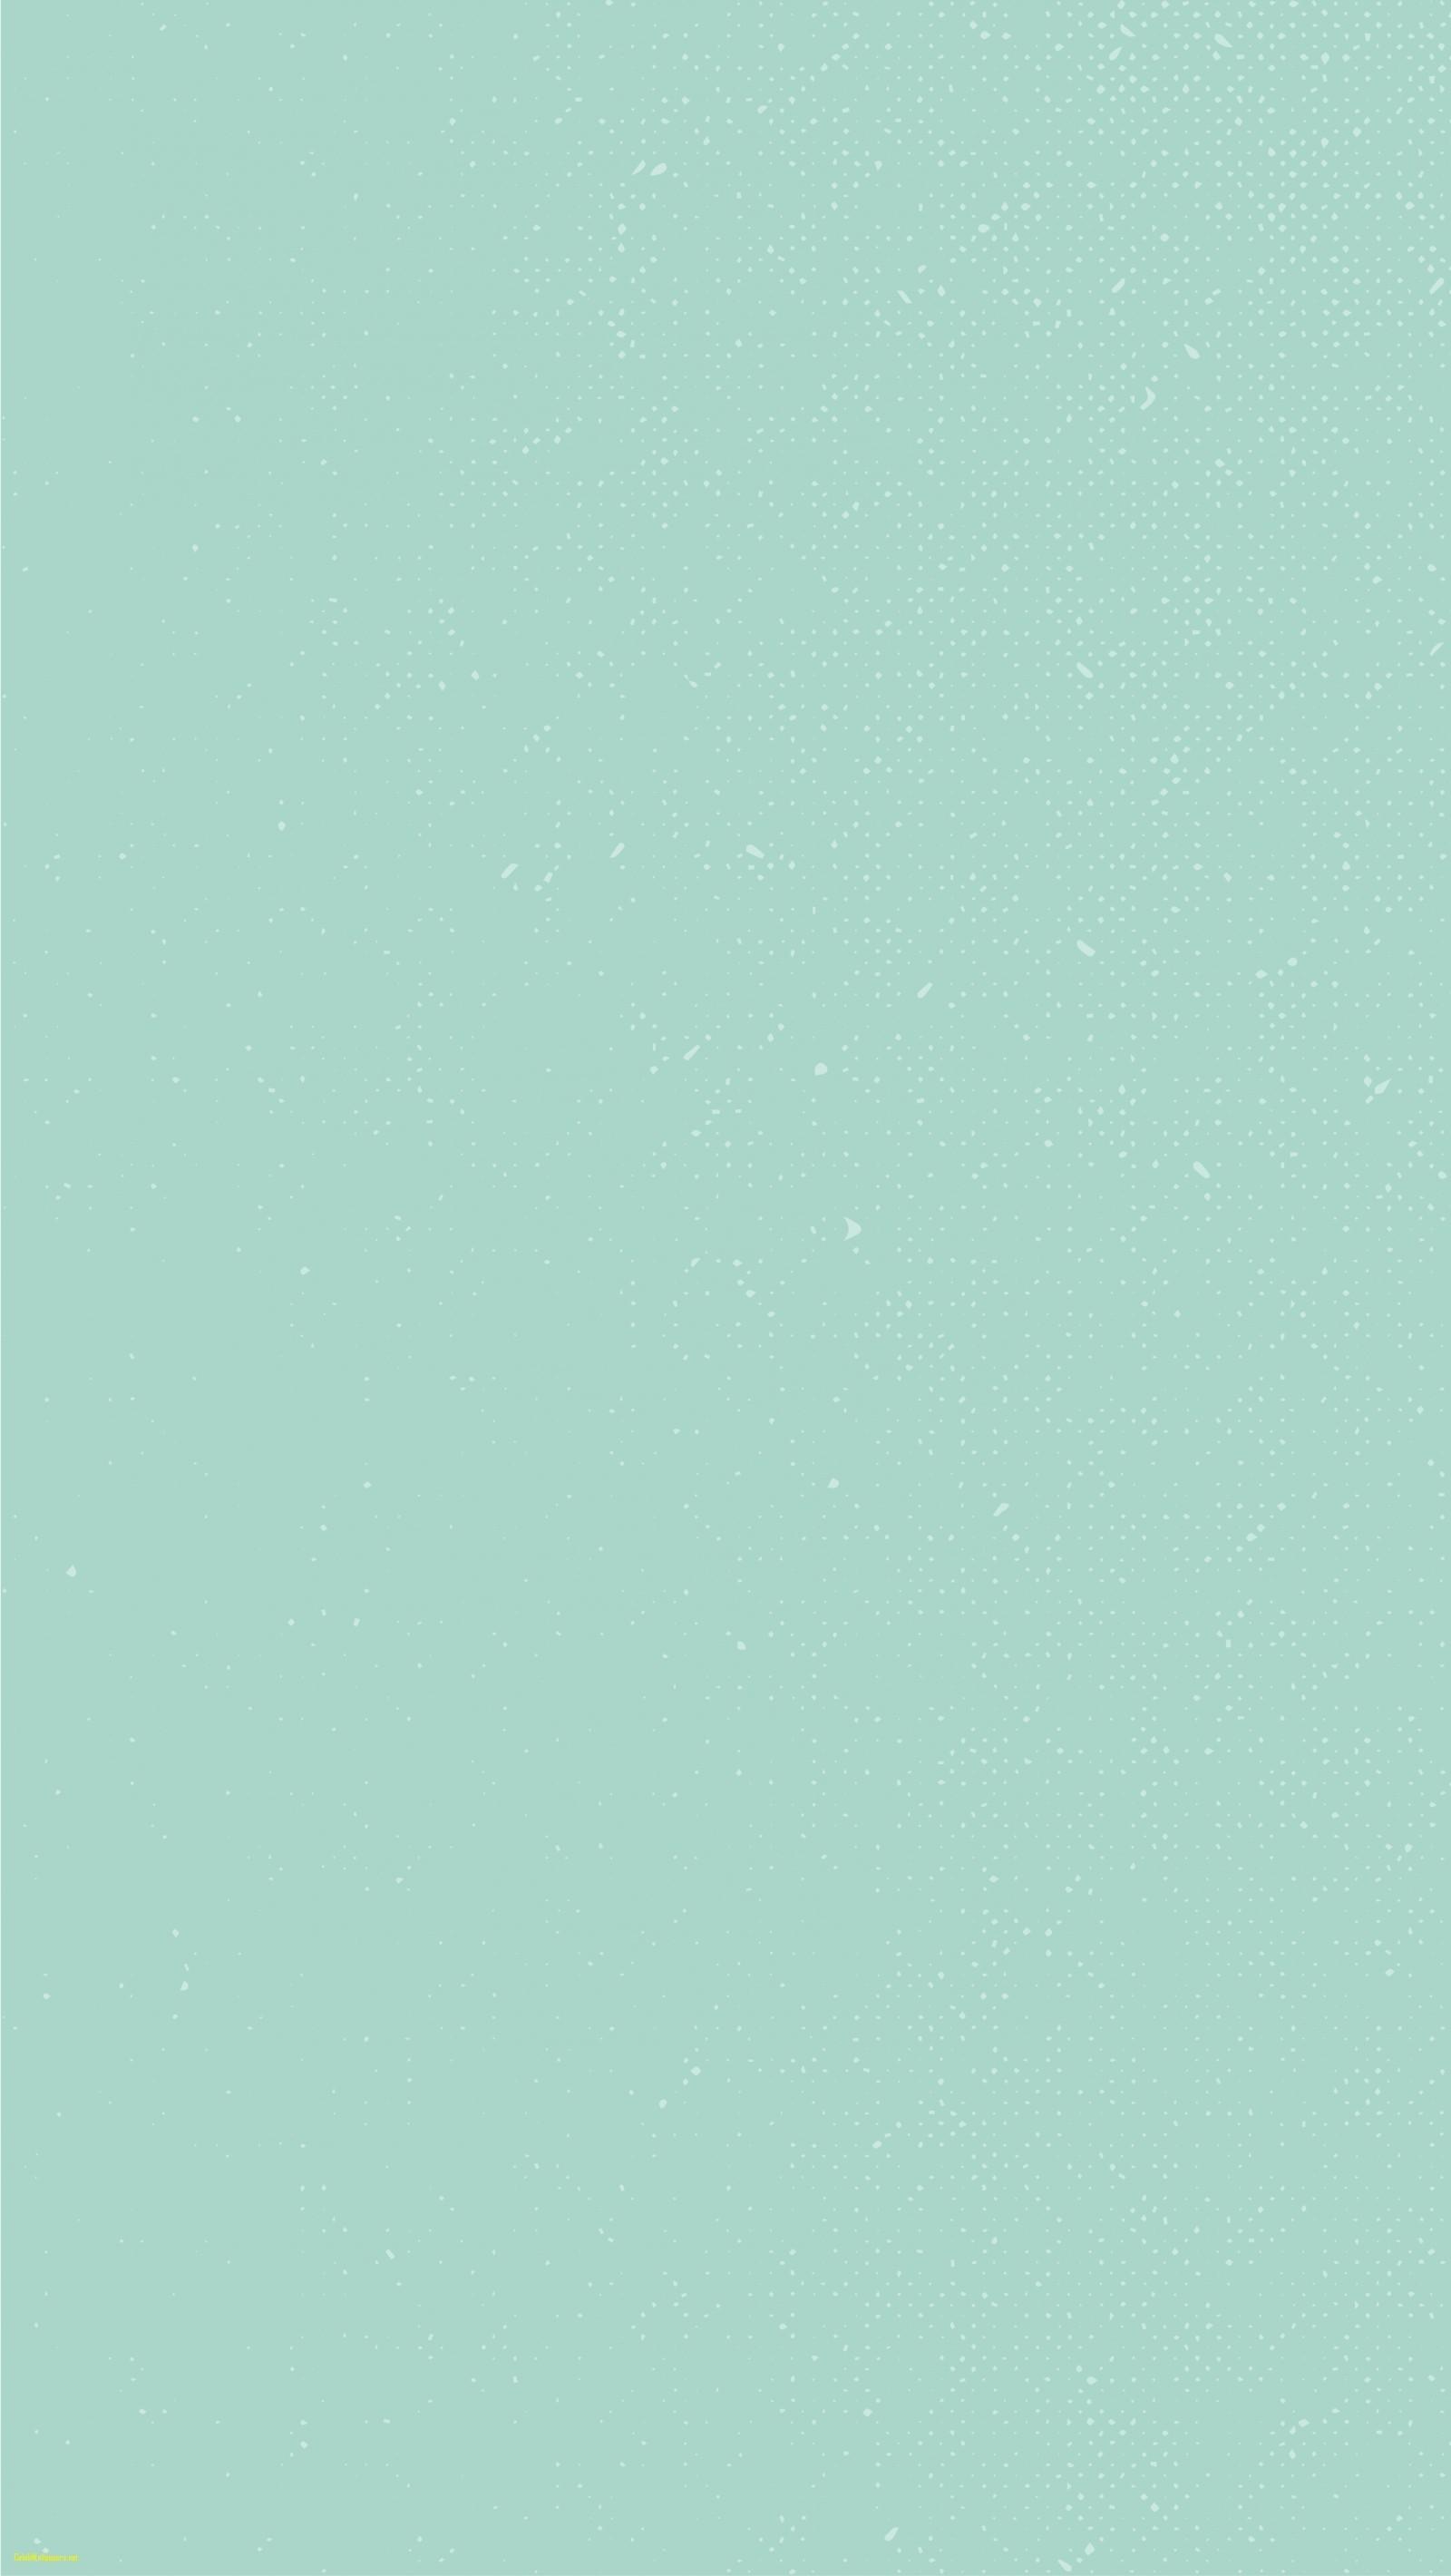 Res: 1600x2840, Mint Wallpaper X Beautiful Mint Wallpaper Mint Wallpaper Qygjxz Lovely Mint  Wallpaper